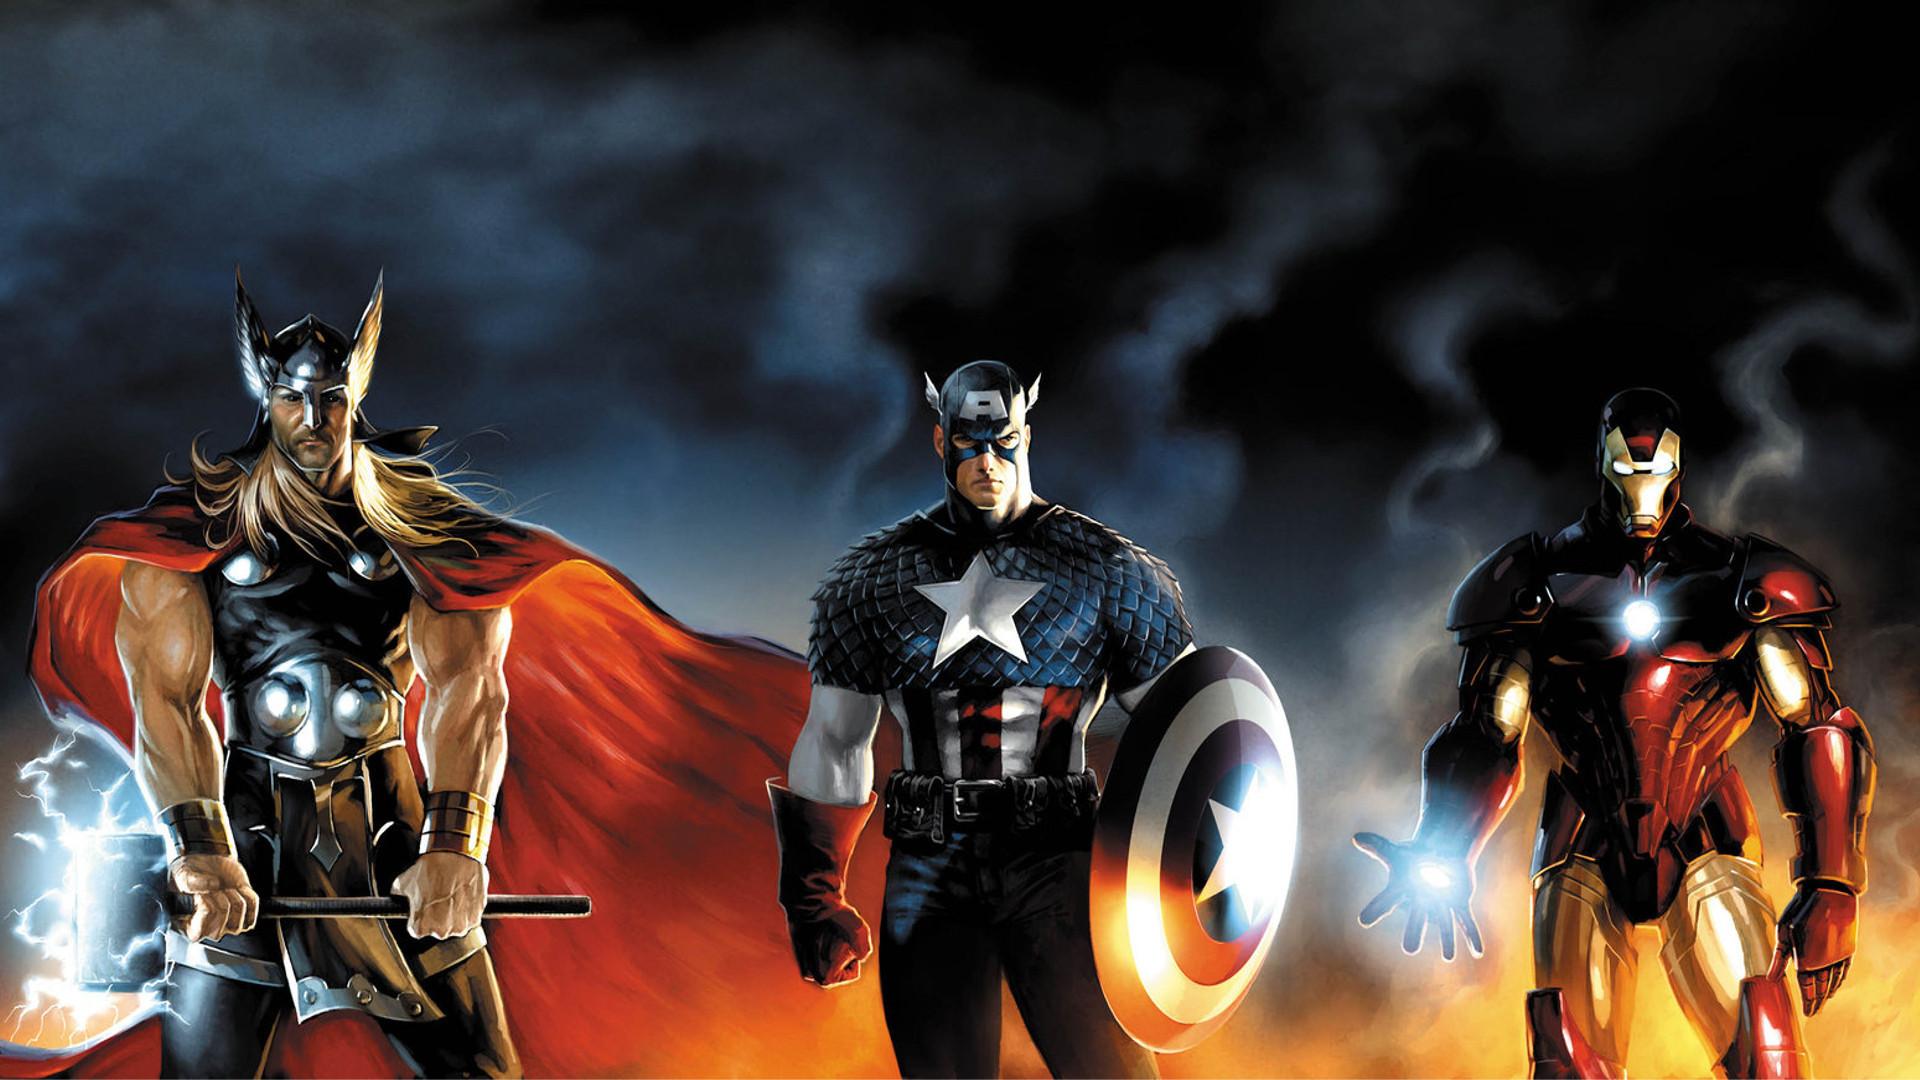 iron man avengers wallpaper - sf wallpaper